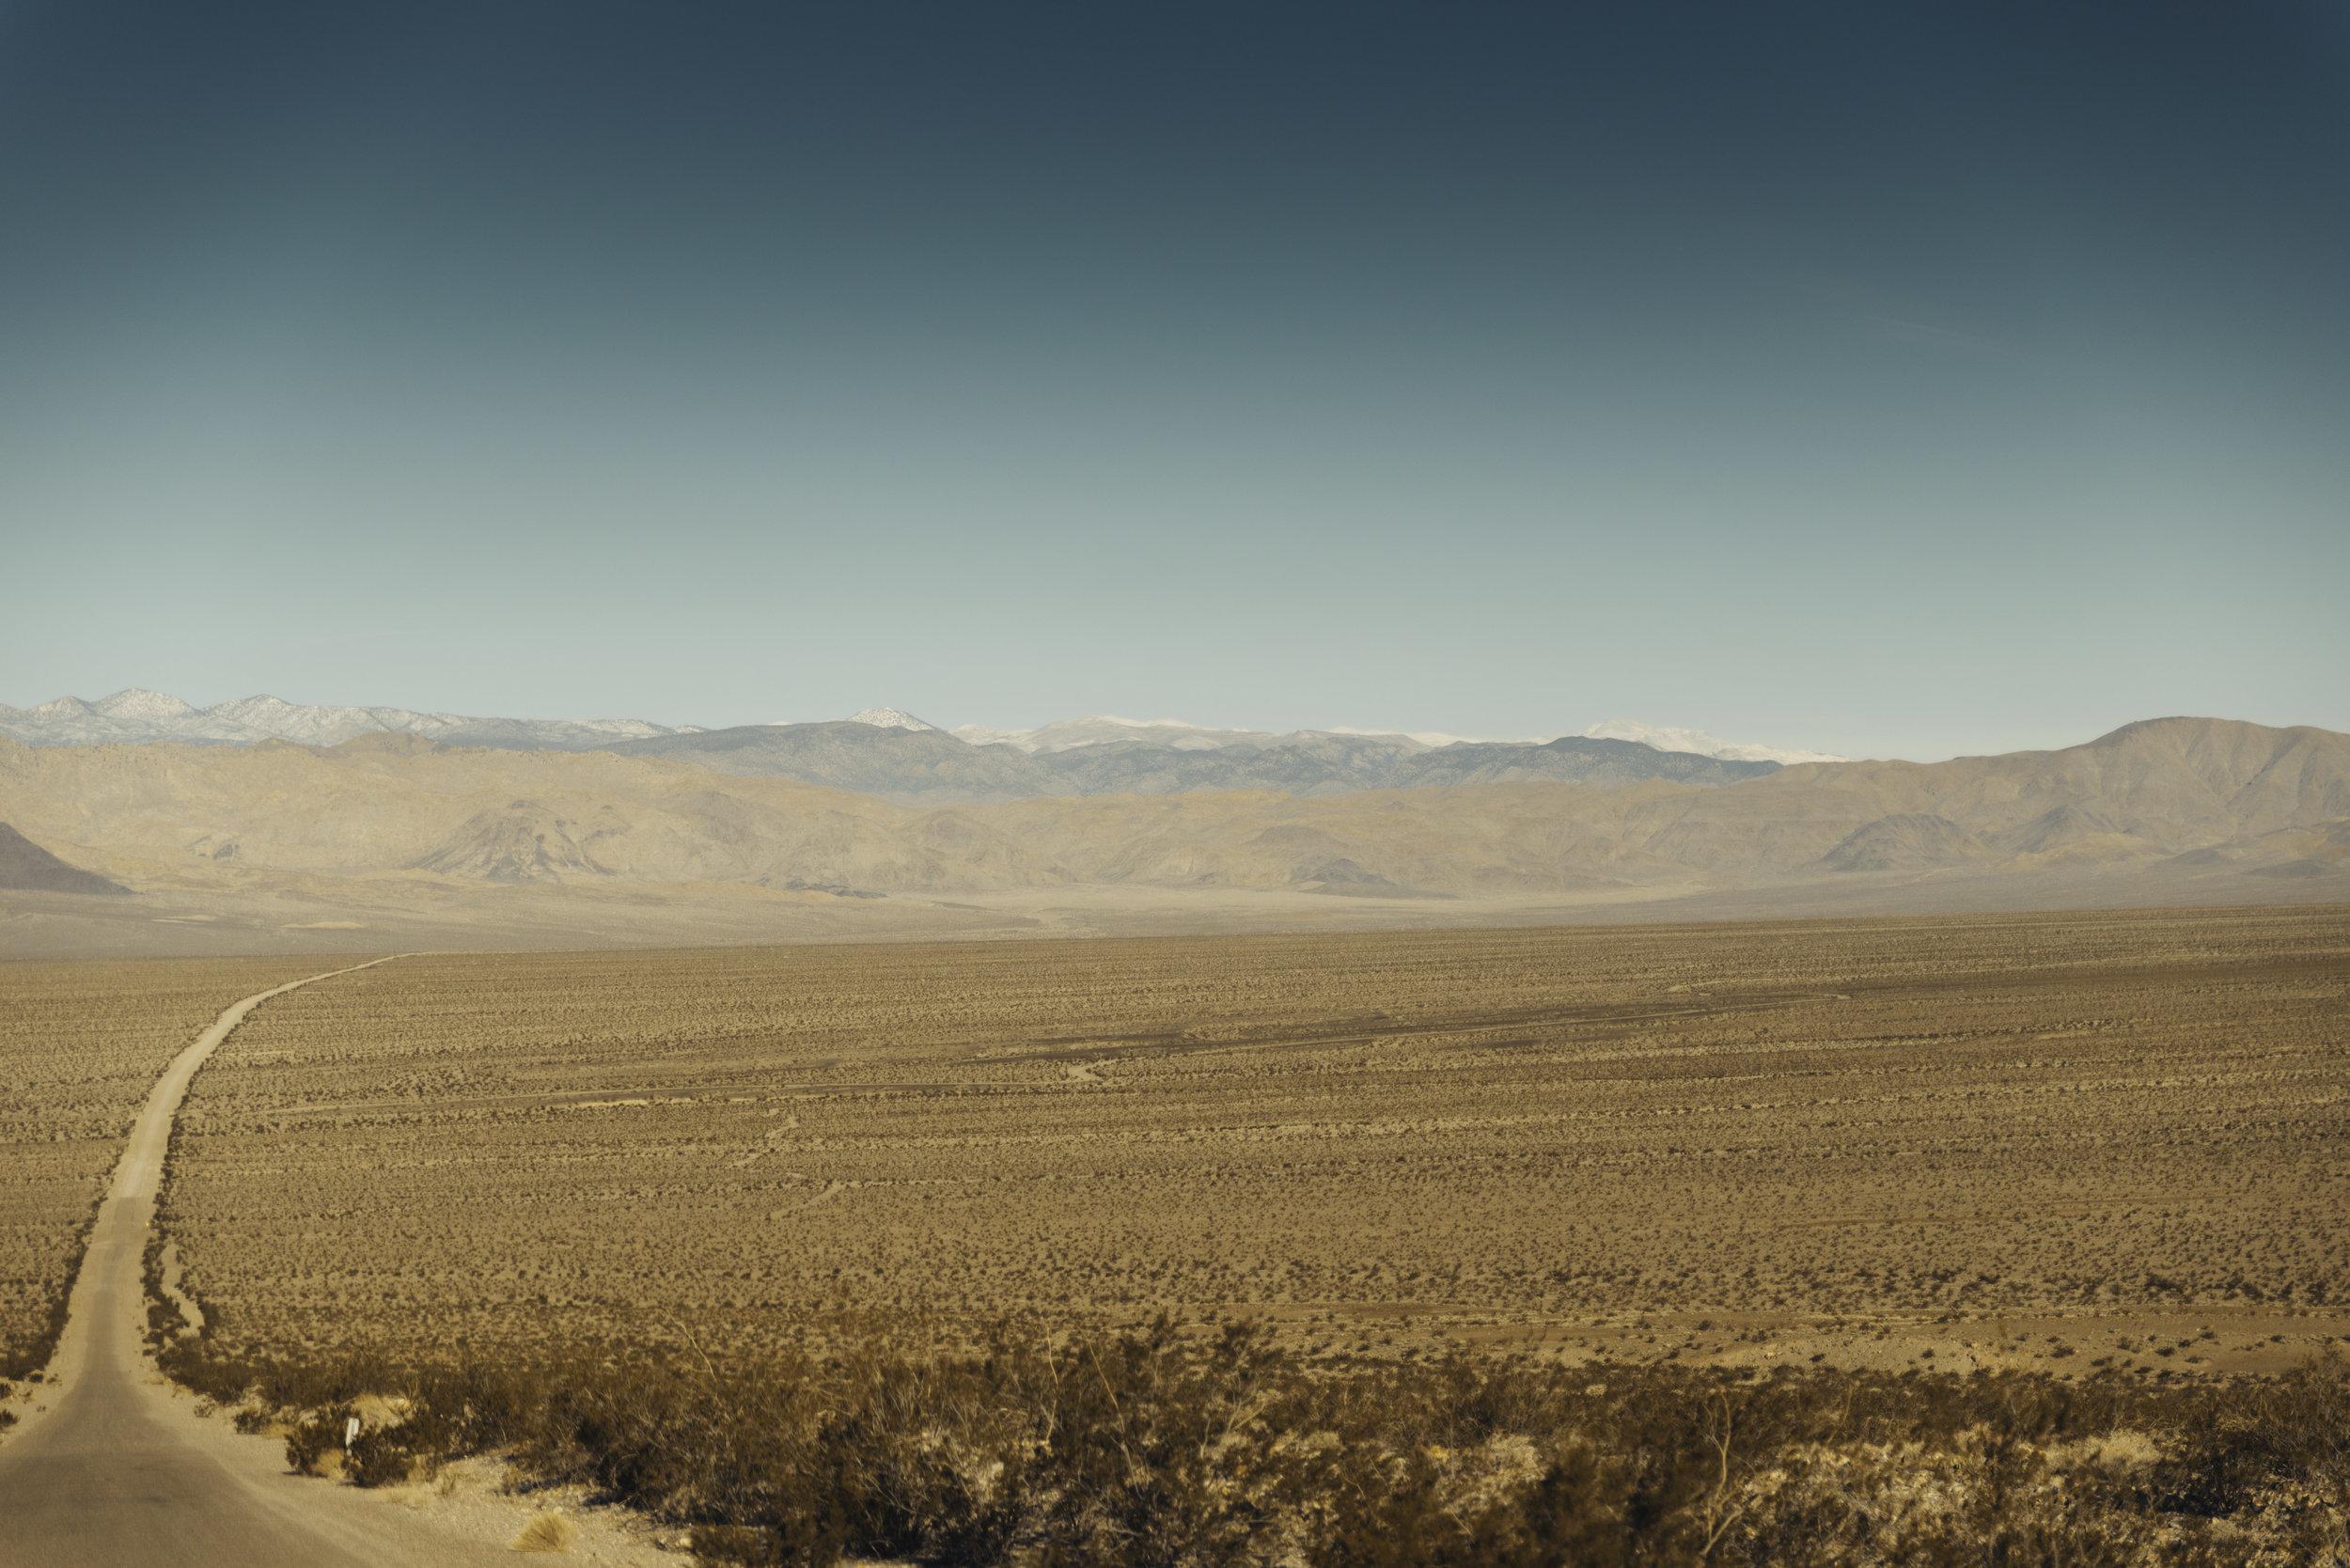 Death Valley road / California